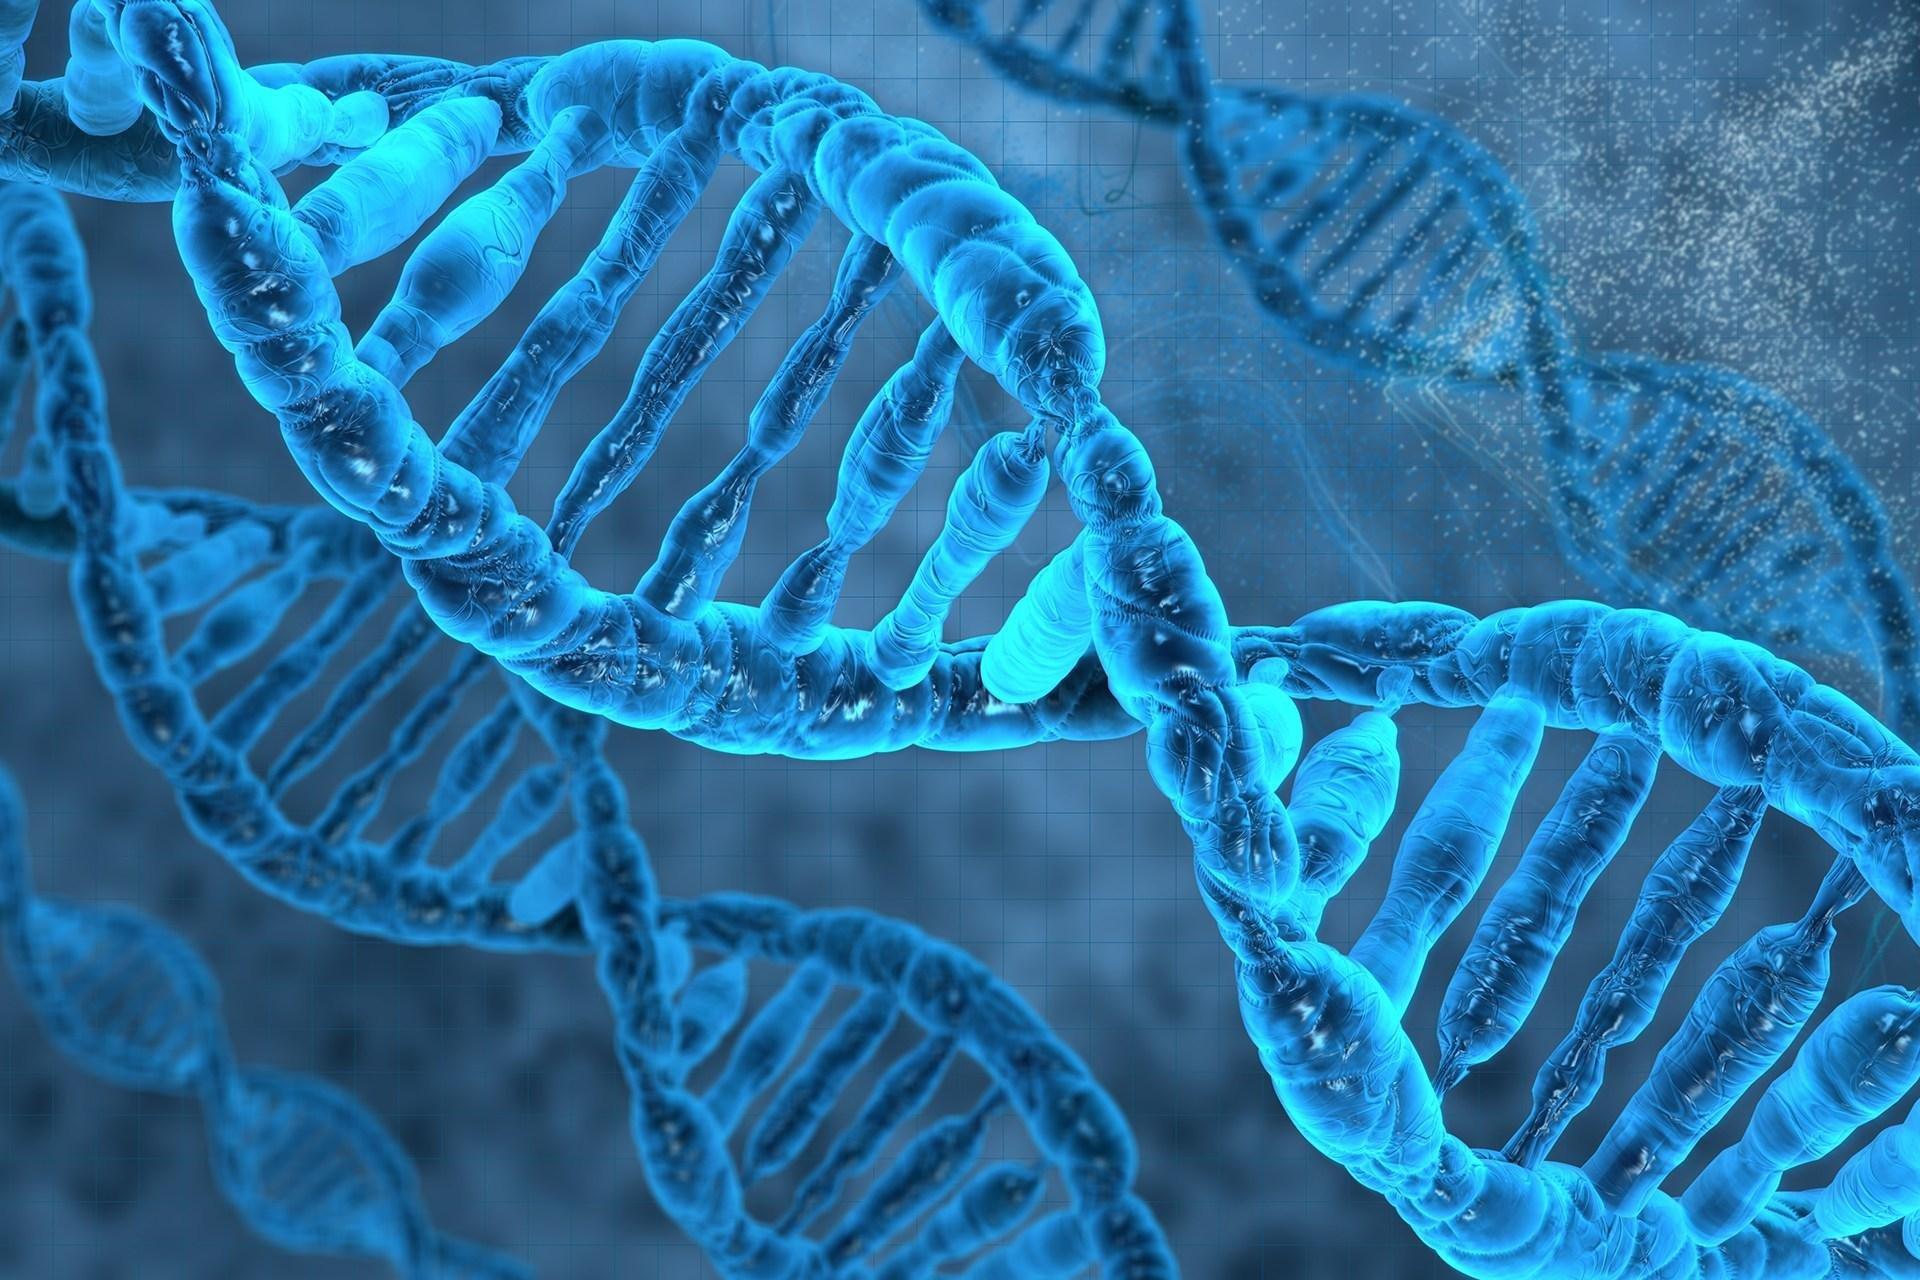 Астраханец сделал тест ДНК, чтобы не платить алименты ребёнку